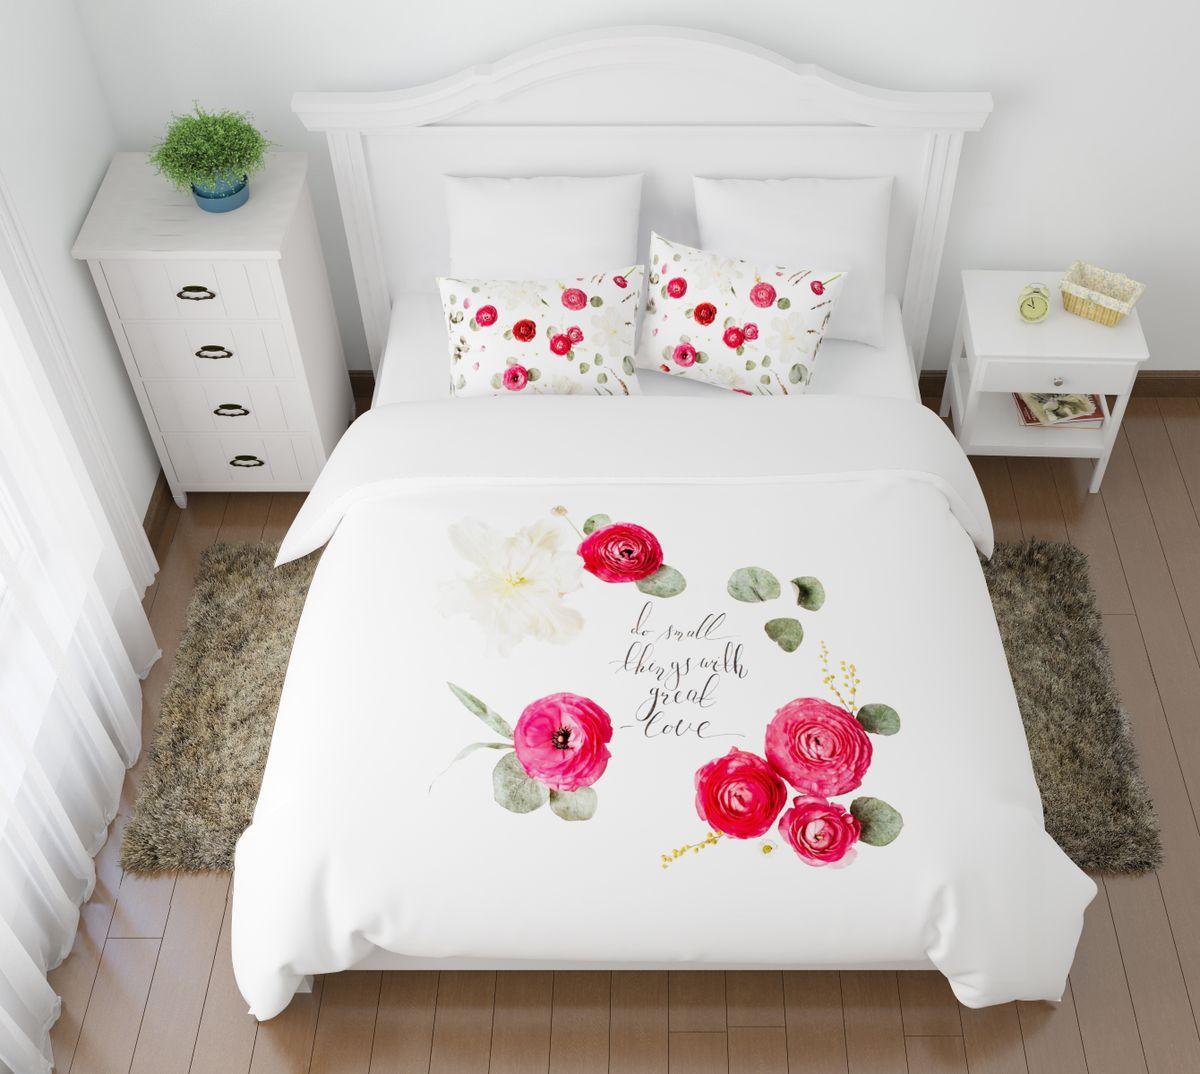 Комплект белья Сирень Веросса, 2-спальный, наволочки 50х704081Комплект постельного белья Сирень выполнен из прочной и мягкой ткани. Четкий и стильный рисунок в сочетании с насыщенными красками делают комплект постельного белья неповторимой изюминкой любого интерьера.Постельное белье идеально подойдет для подарка. Идеальное соотношение смешенной ткани и гипоаллергенных красок - это гарантия здорового, спокойного сна. Ткань хорошо впитывает влагу, надолго сохраняет яркость красок.В комплект входят: простыня, пододеяльник, две наволочки. Постельное белье легко стирать при 30-40°С, гладить при 150°С, не отбеливать. Рекомендуется перед первым использованием постирать.УВАЖАЕМЫЕ КЛИЕНТЫ! Обращаем ваше внимание, что цвет простыни, пододеяльника, наволочки в комплектации может немного отличаться от представленного на фото.